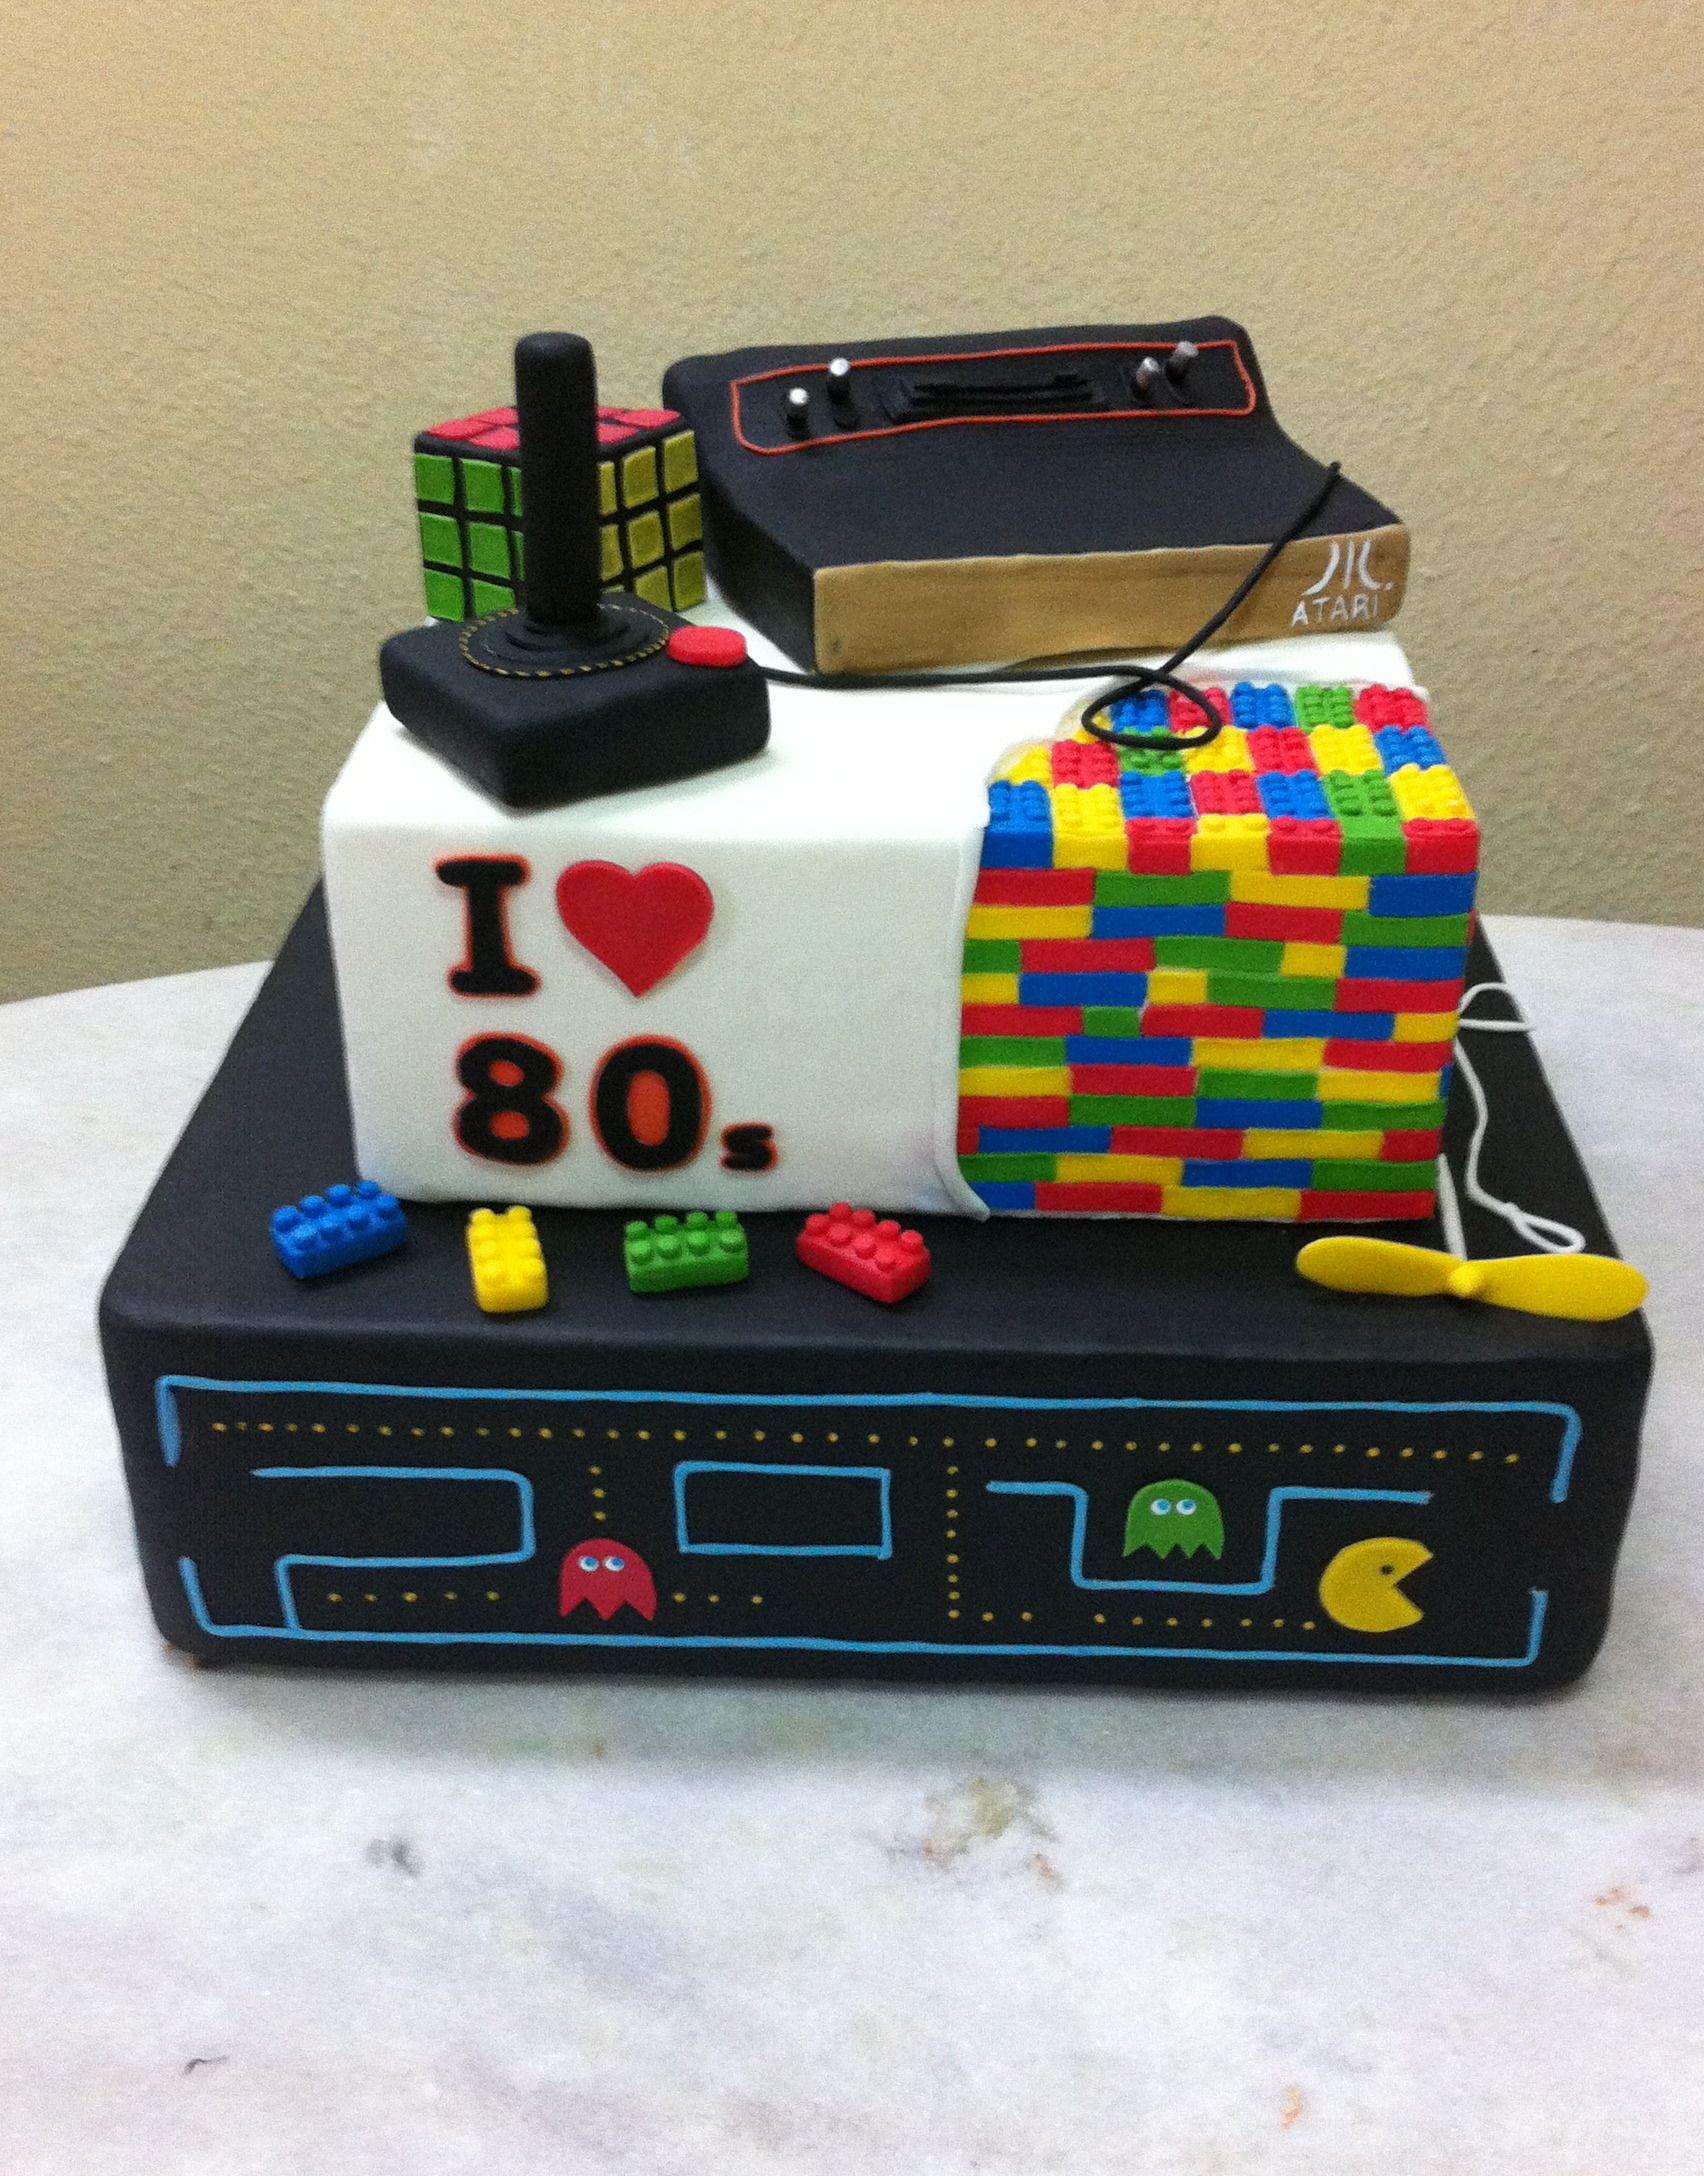 bolo-falso-de-biscuit-anos-80-bolo-falso.jpg (1704×2176)